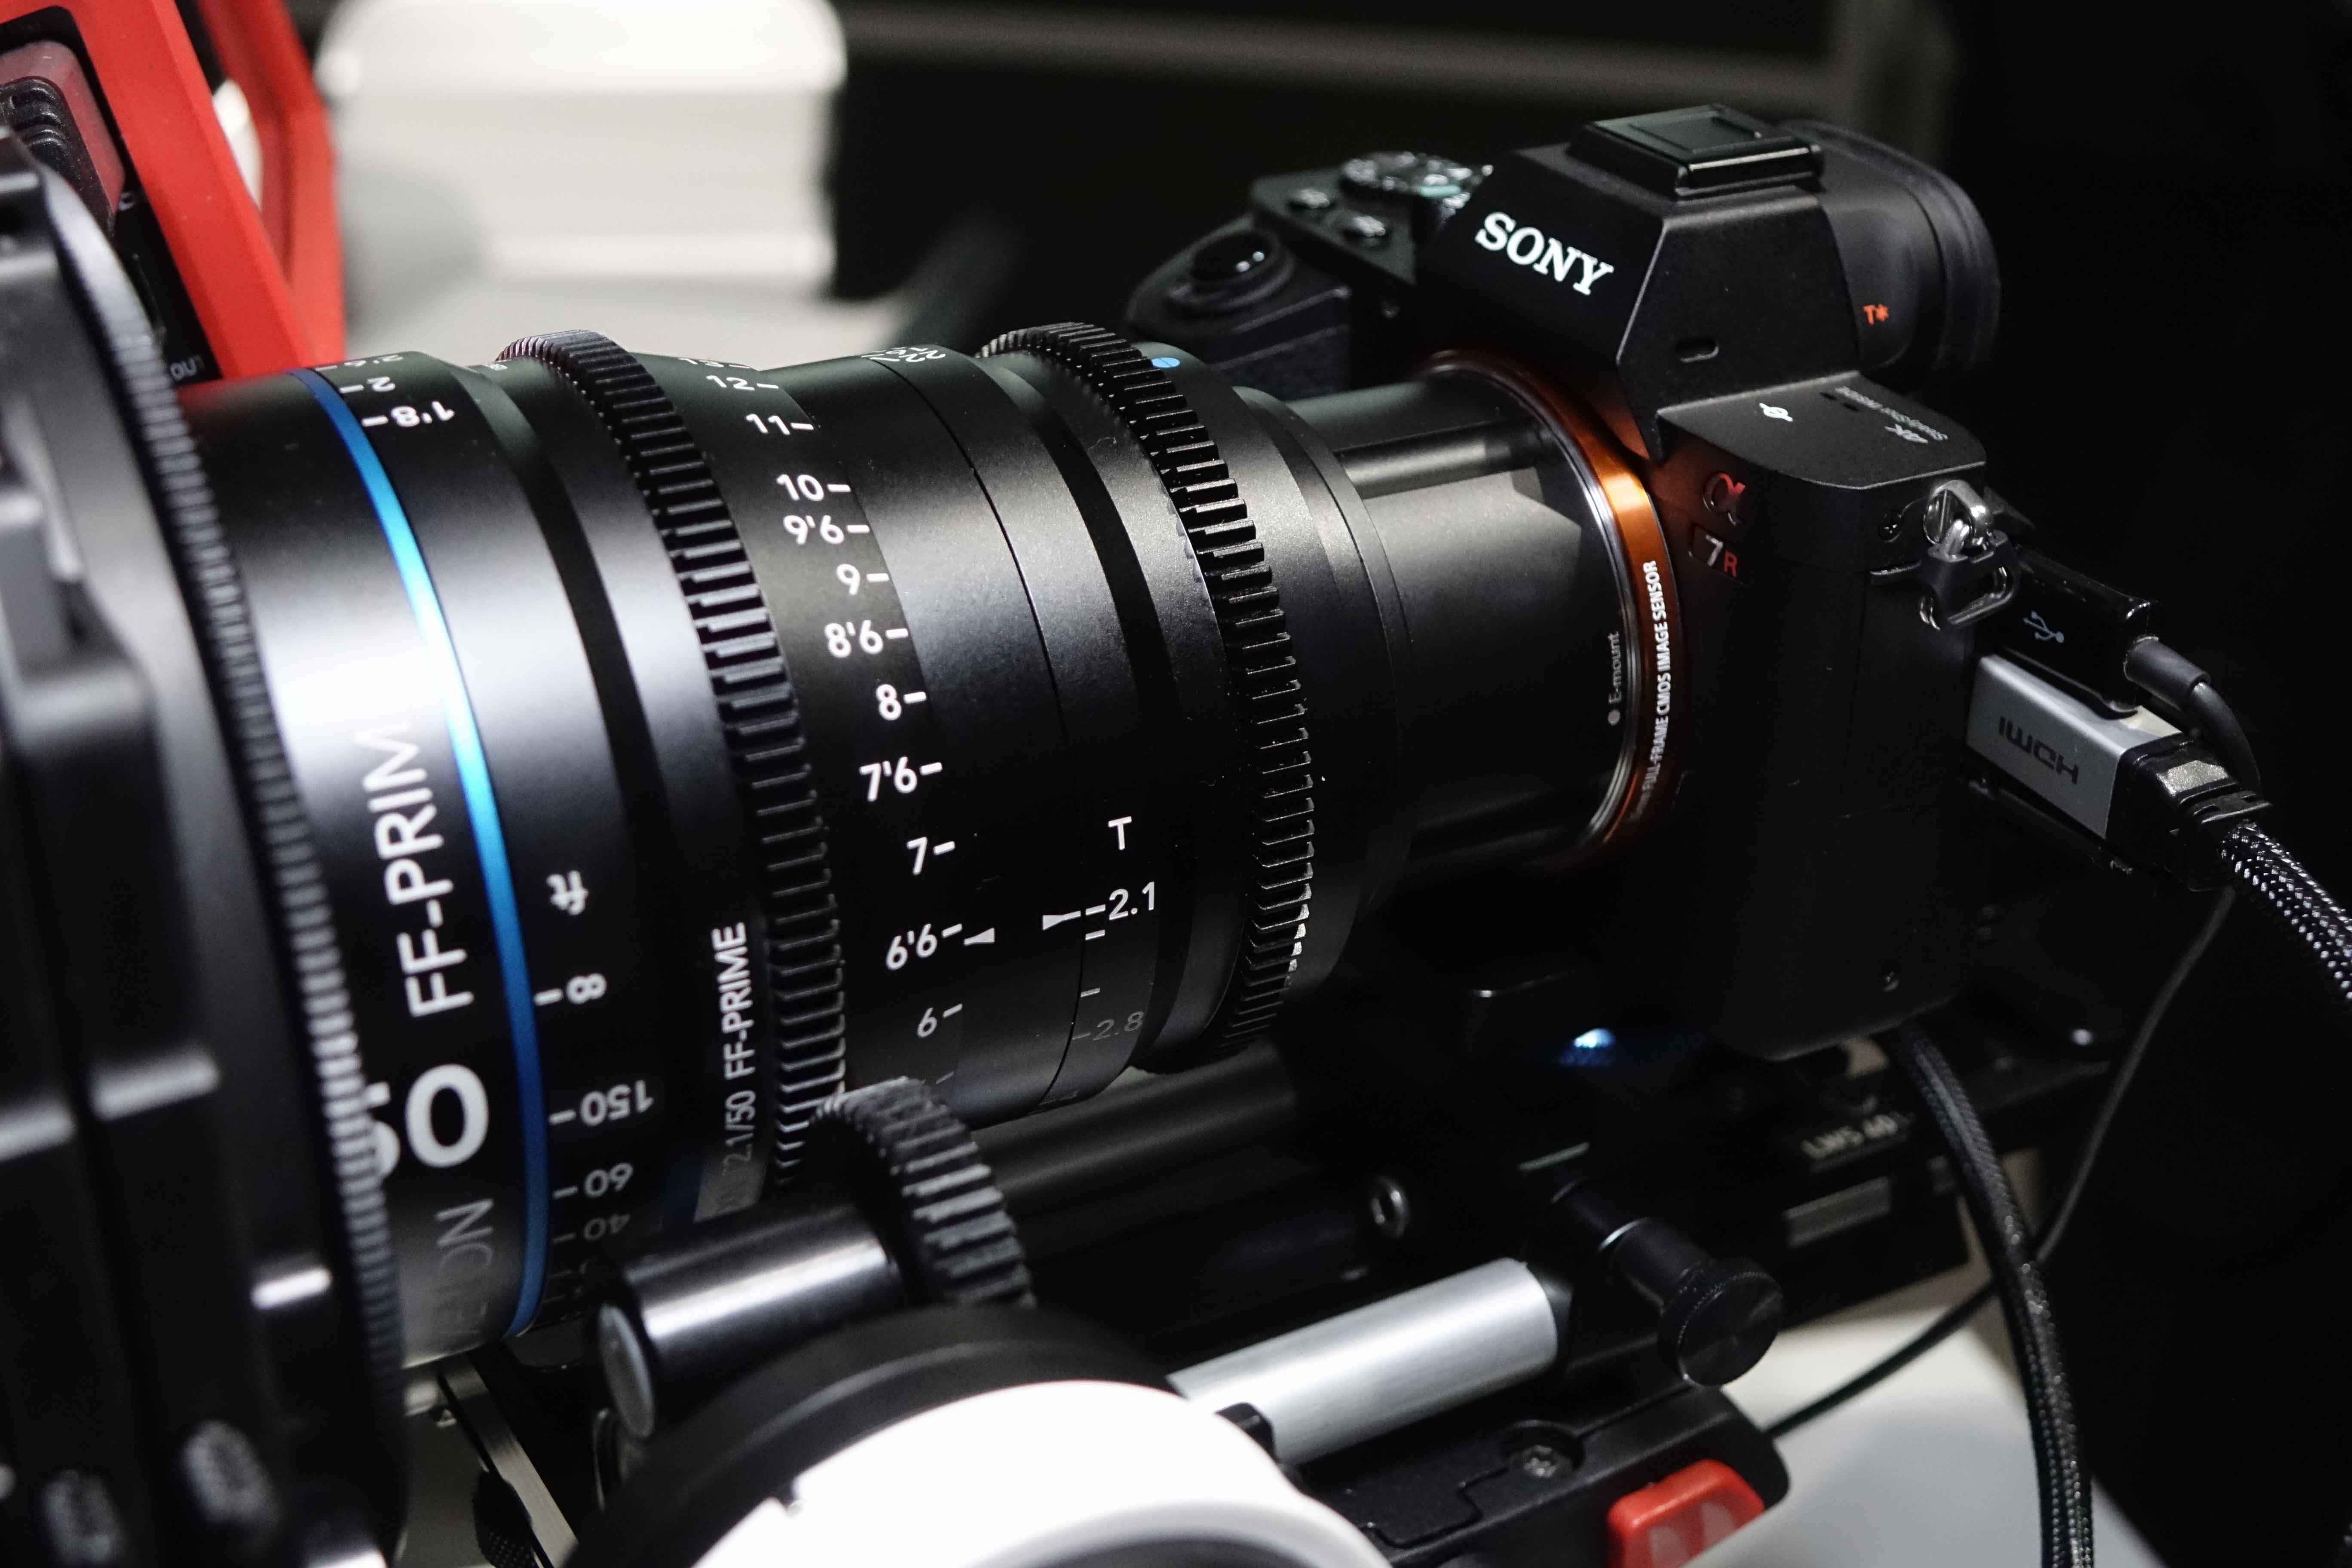 IBC 2015: Schneider Xenon full frame cine lenses now available in ...